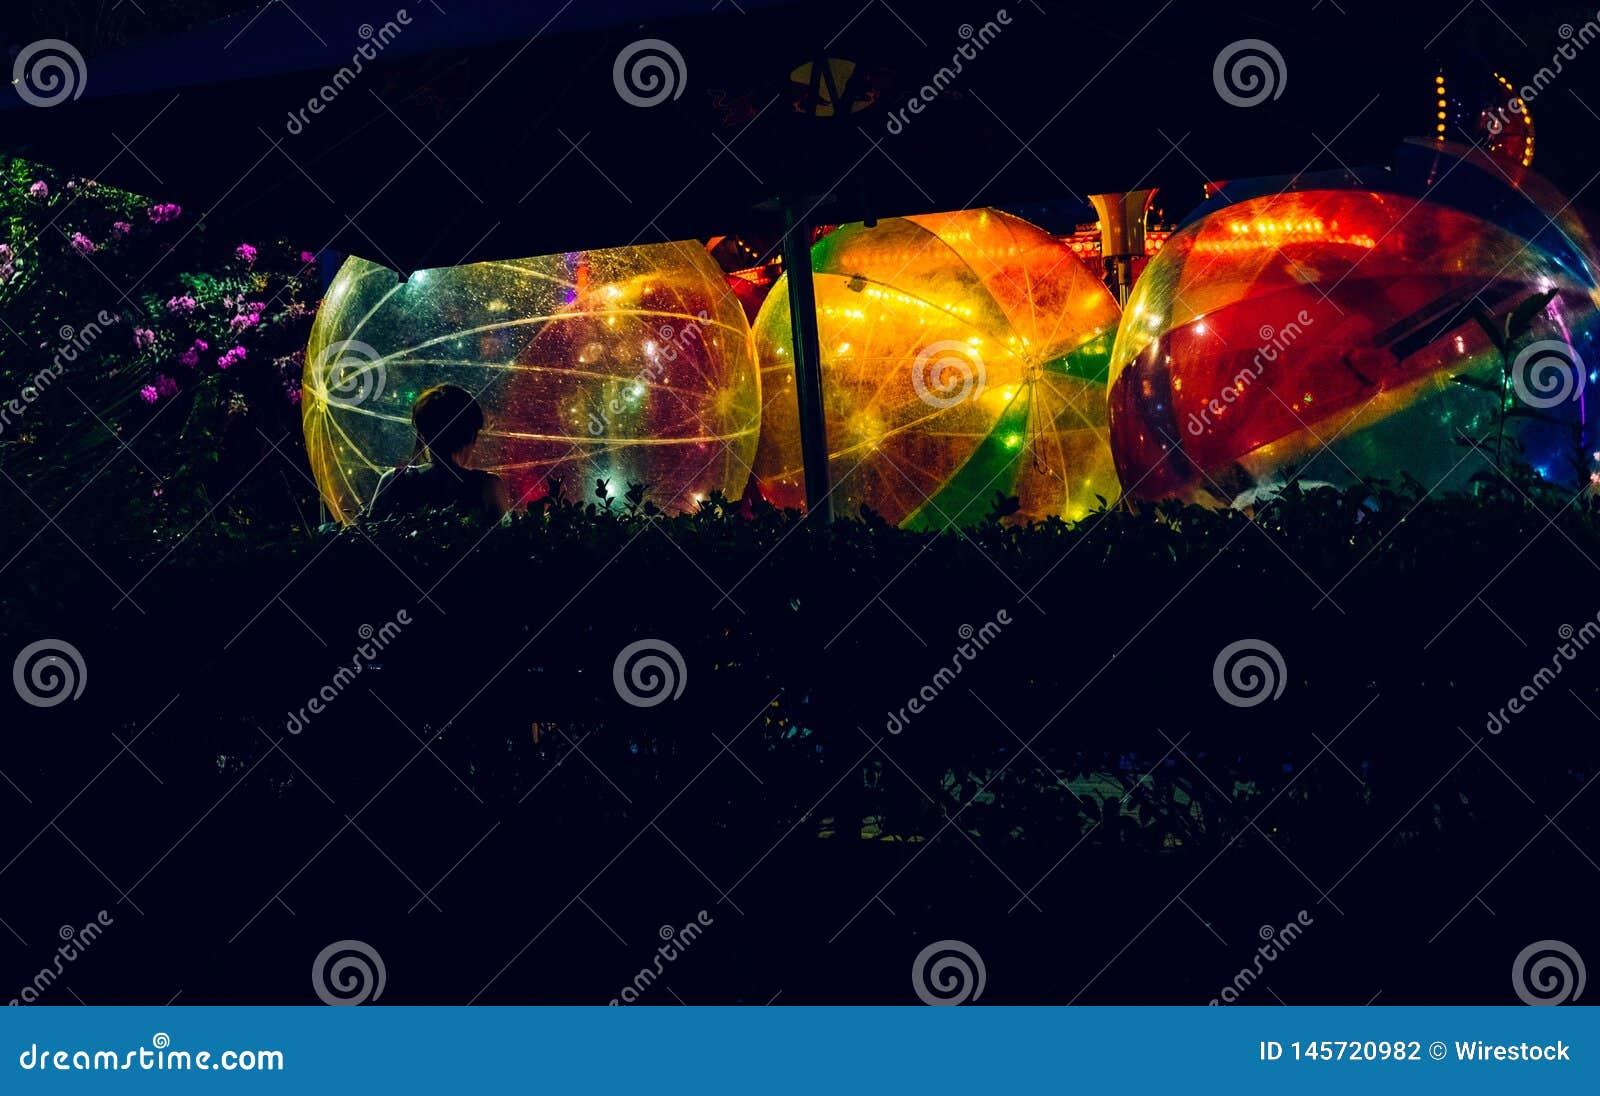 Färgrika stora bollar som fylls med ljus